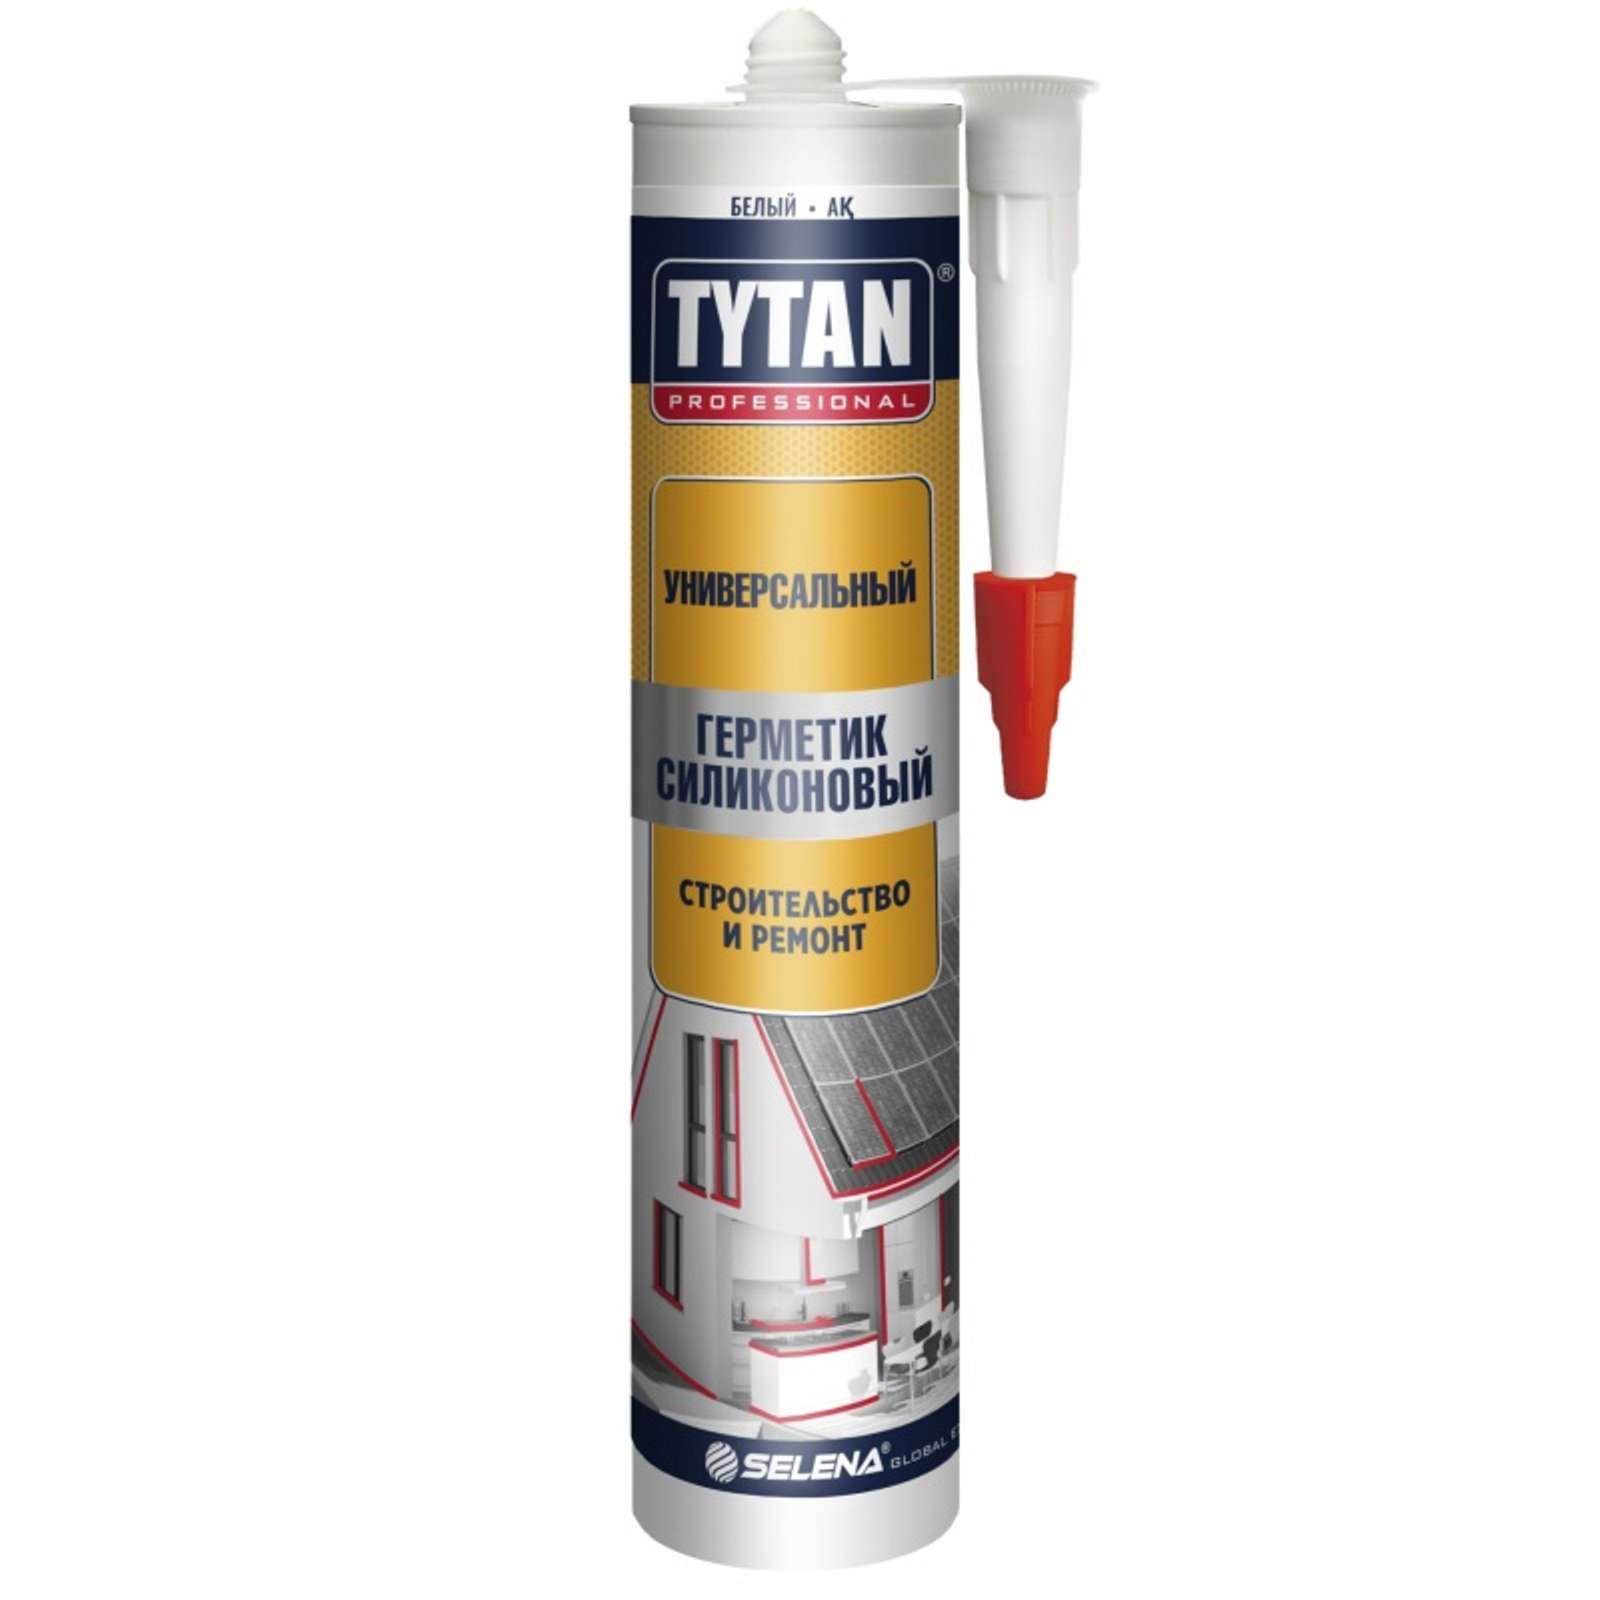 Герметик TYTAN Professional силиконовый Универсальный белый, 280 мл